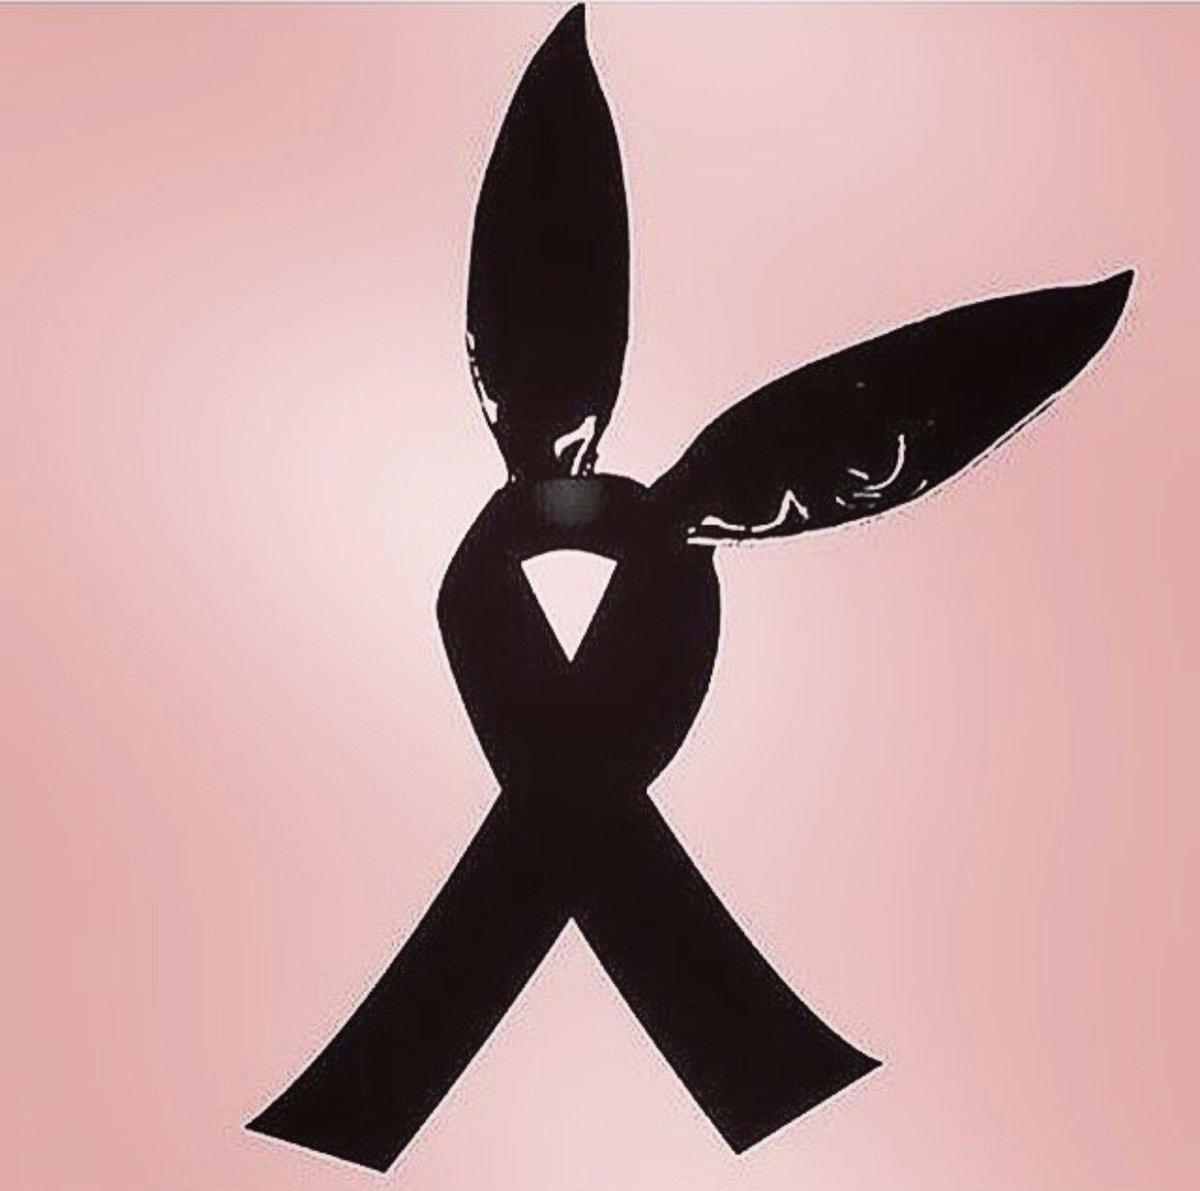 Todo nosso amor e conforto para as vítimas, familiares, amigos e à @ArianaGrande. #PrayForMancester https://t.co/x9avA071WB